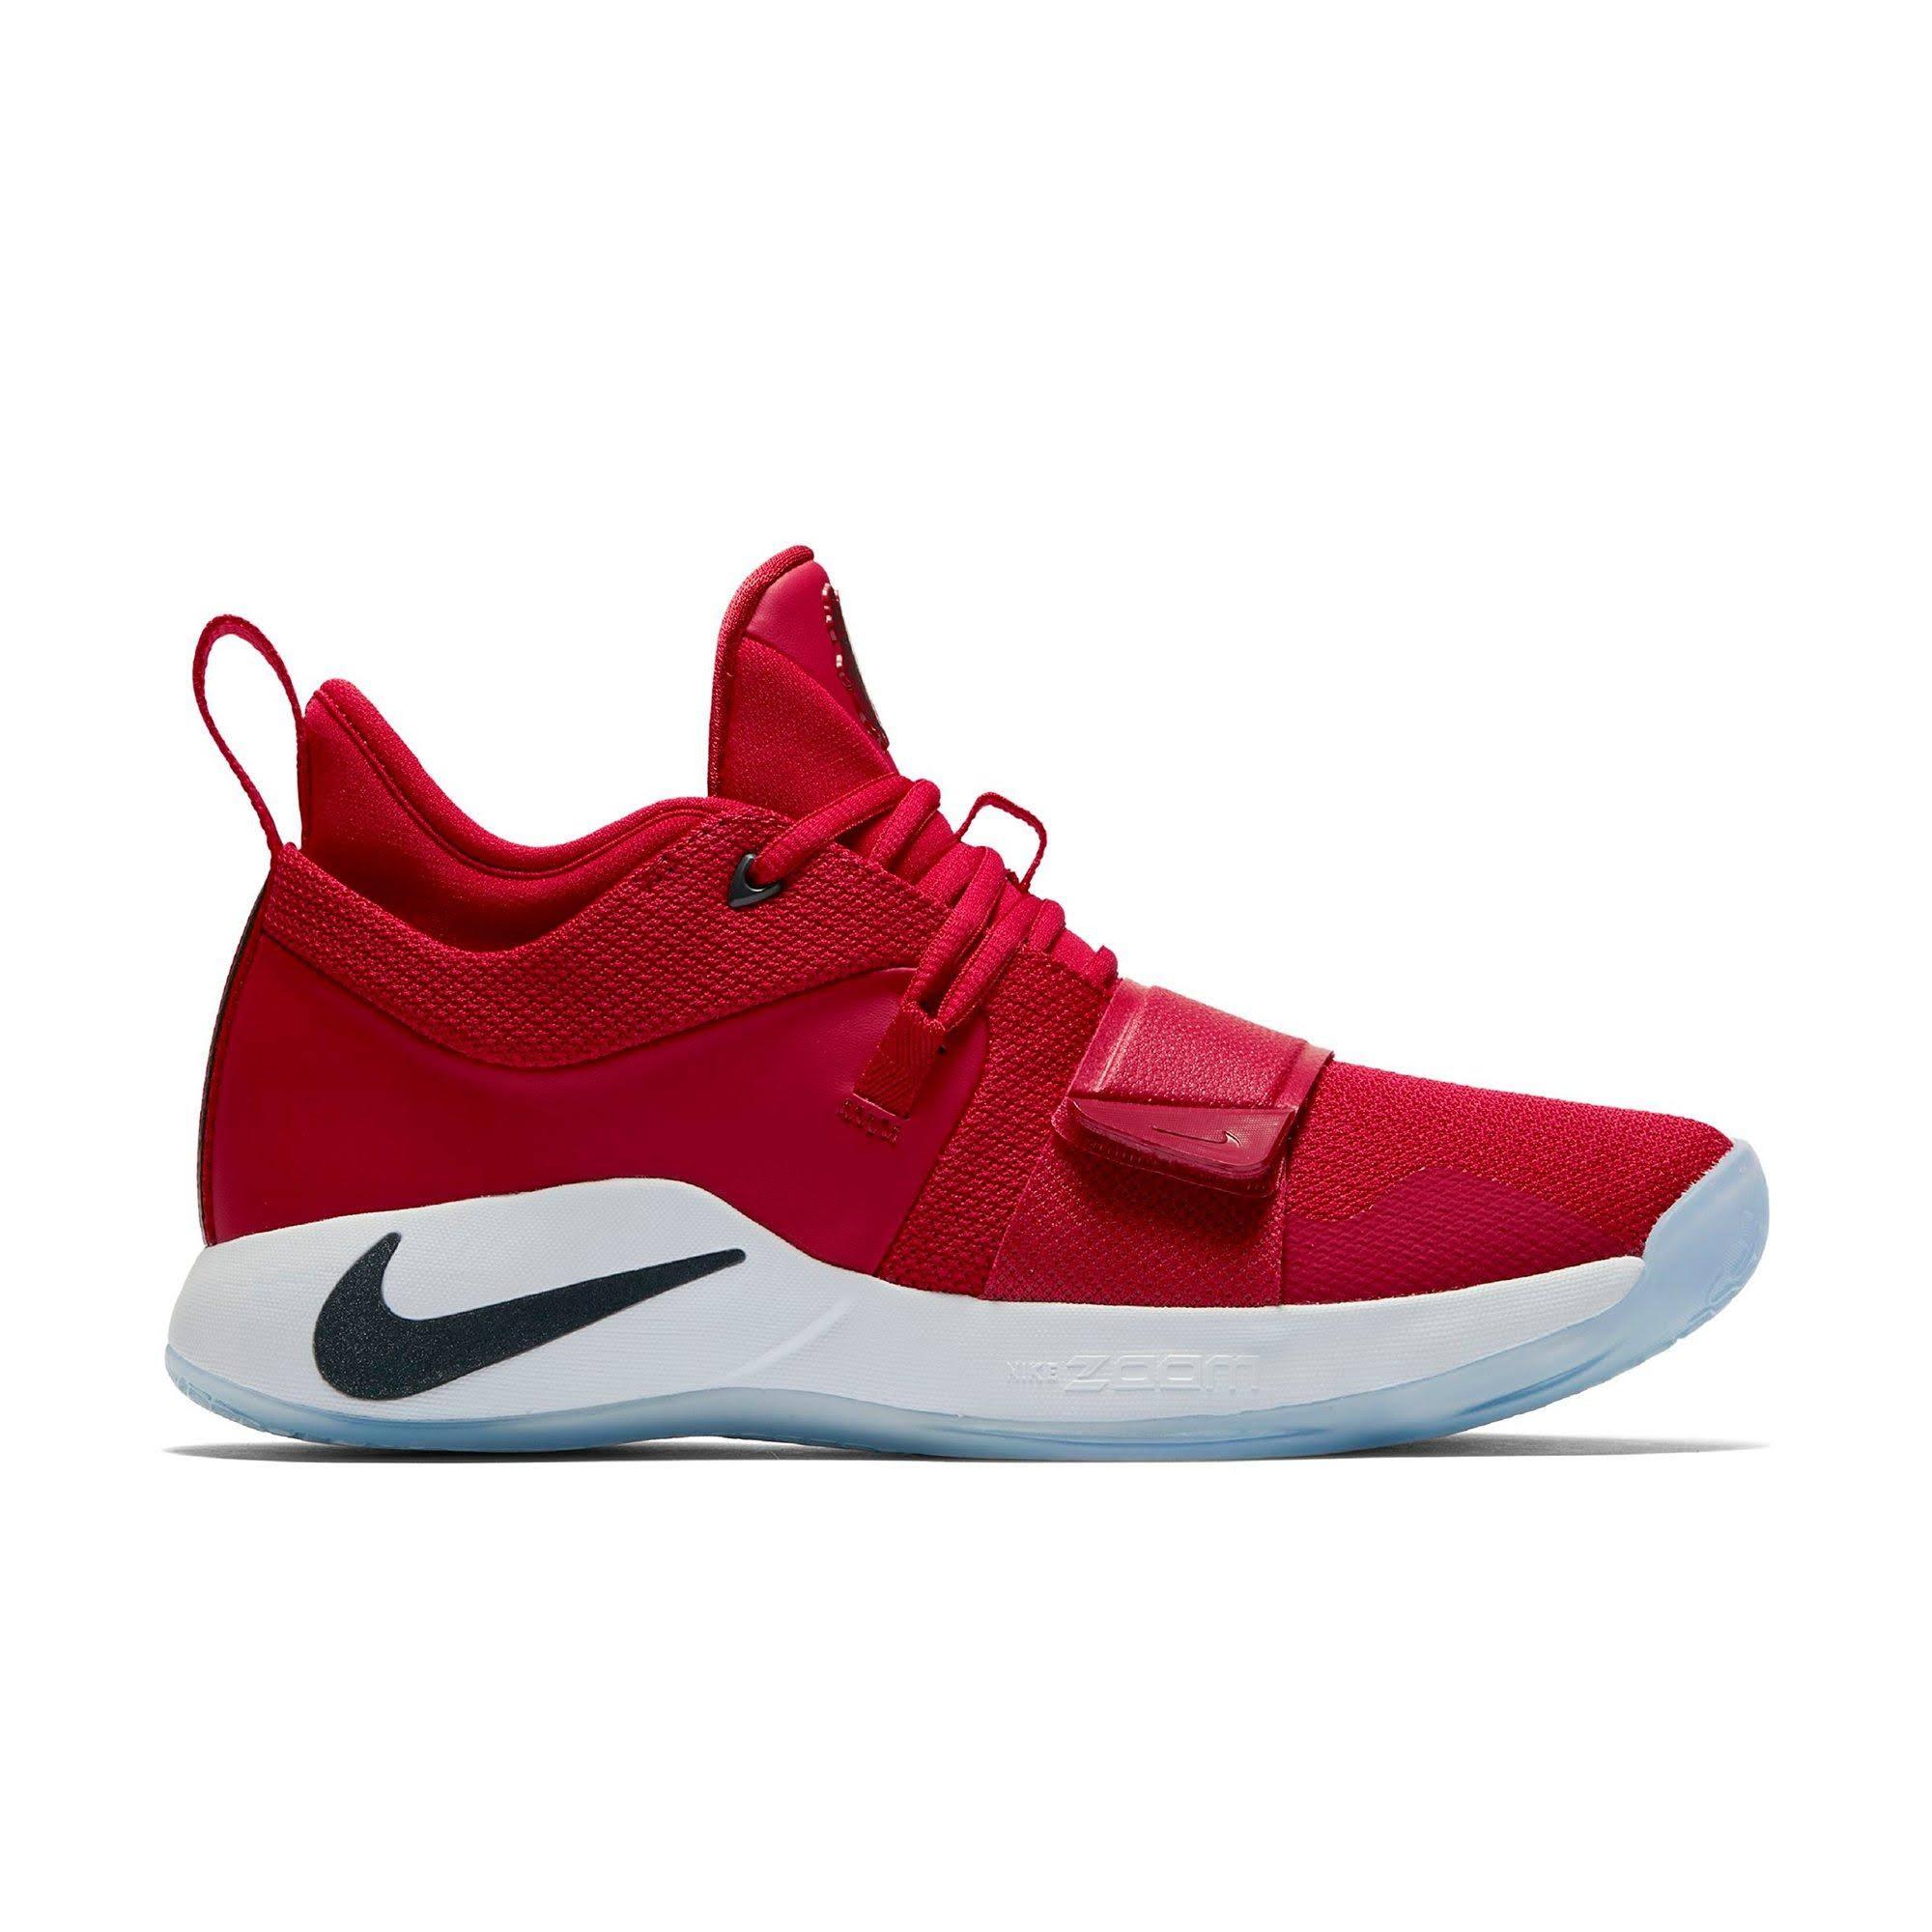 0 Tamaño Nike 9 5 Zapatillas Pg De Deporte Hombre 'fresno St Para 2 Bulldogs' qggOP7